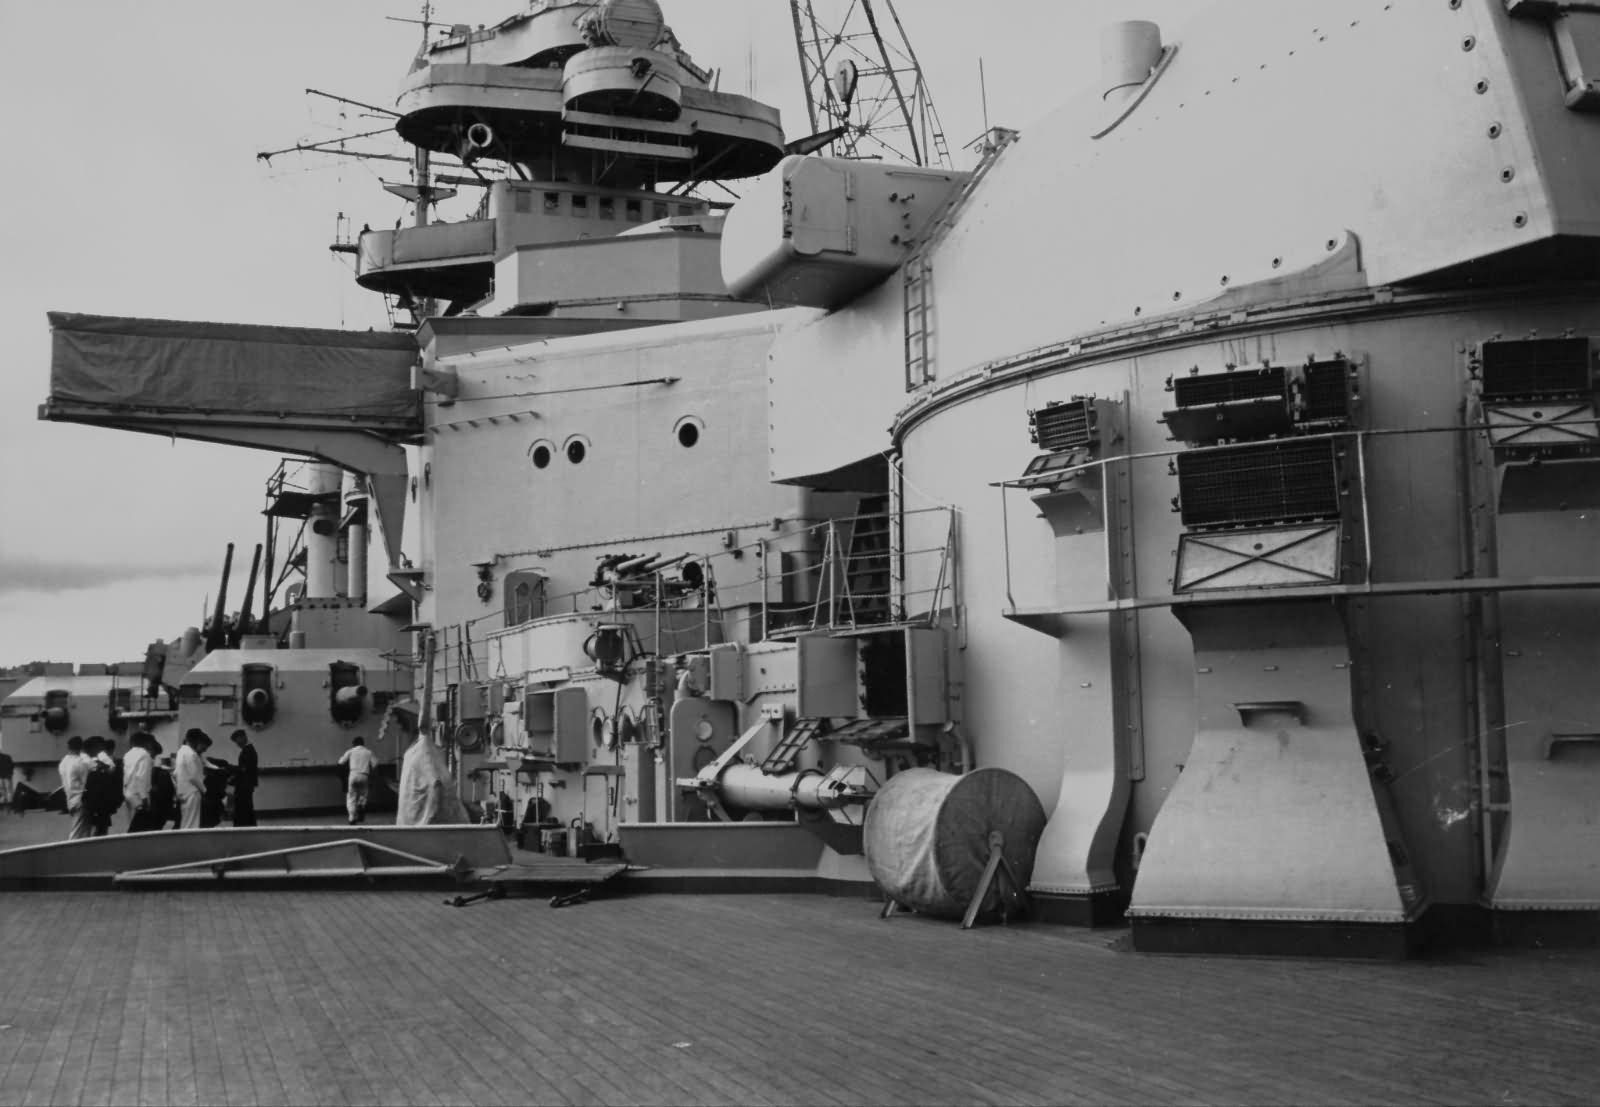 Bismarck deck and superstructure